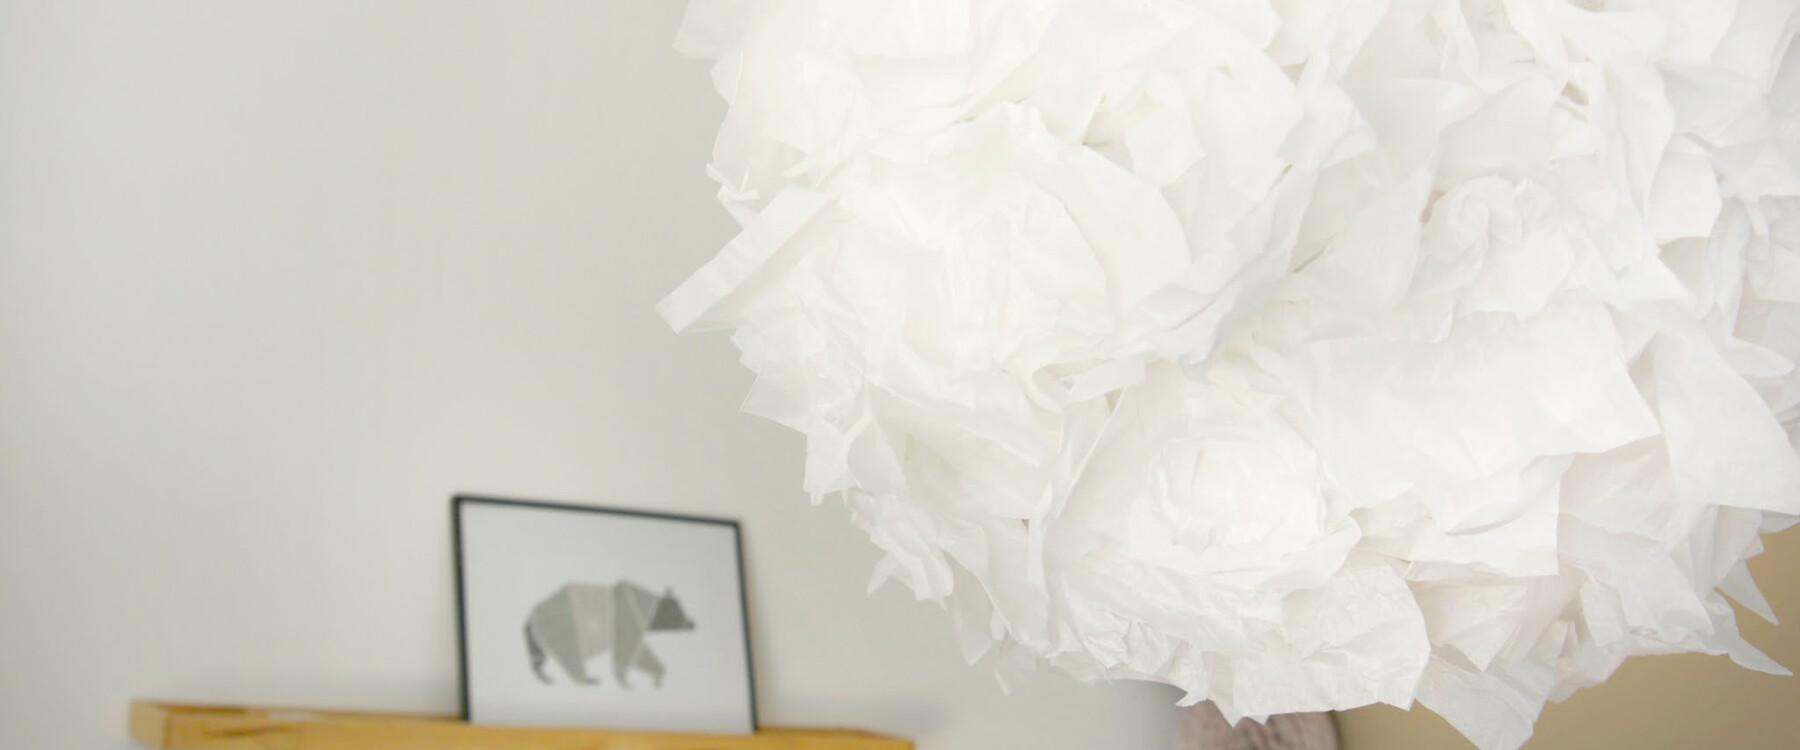 Wie man aus Seidenpapier eine Lampe bastelt | titantina